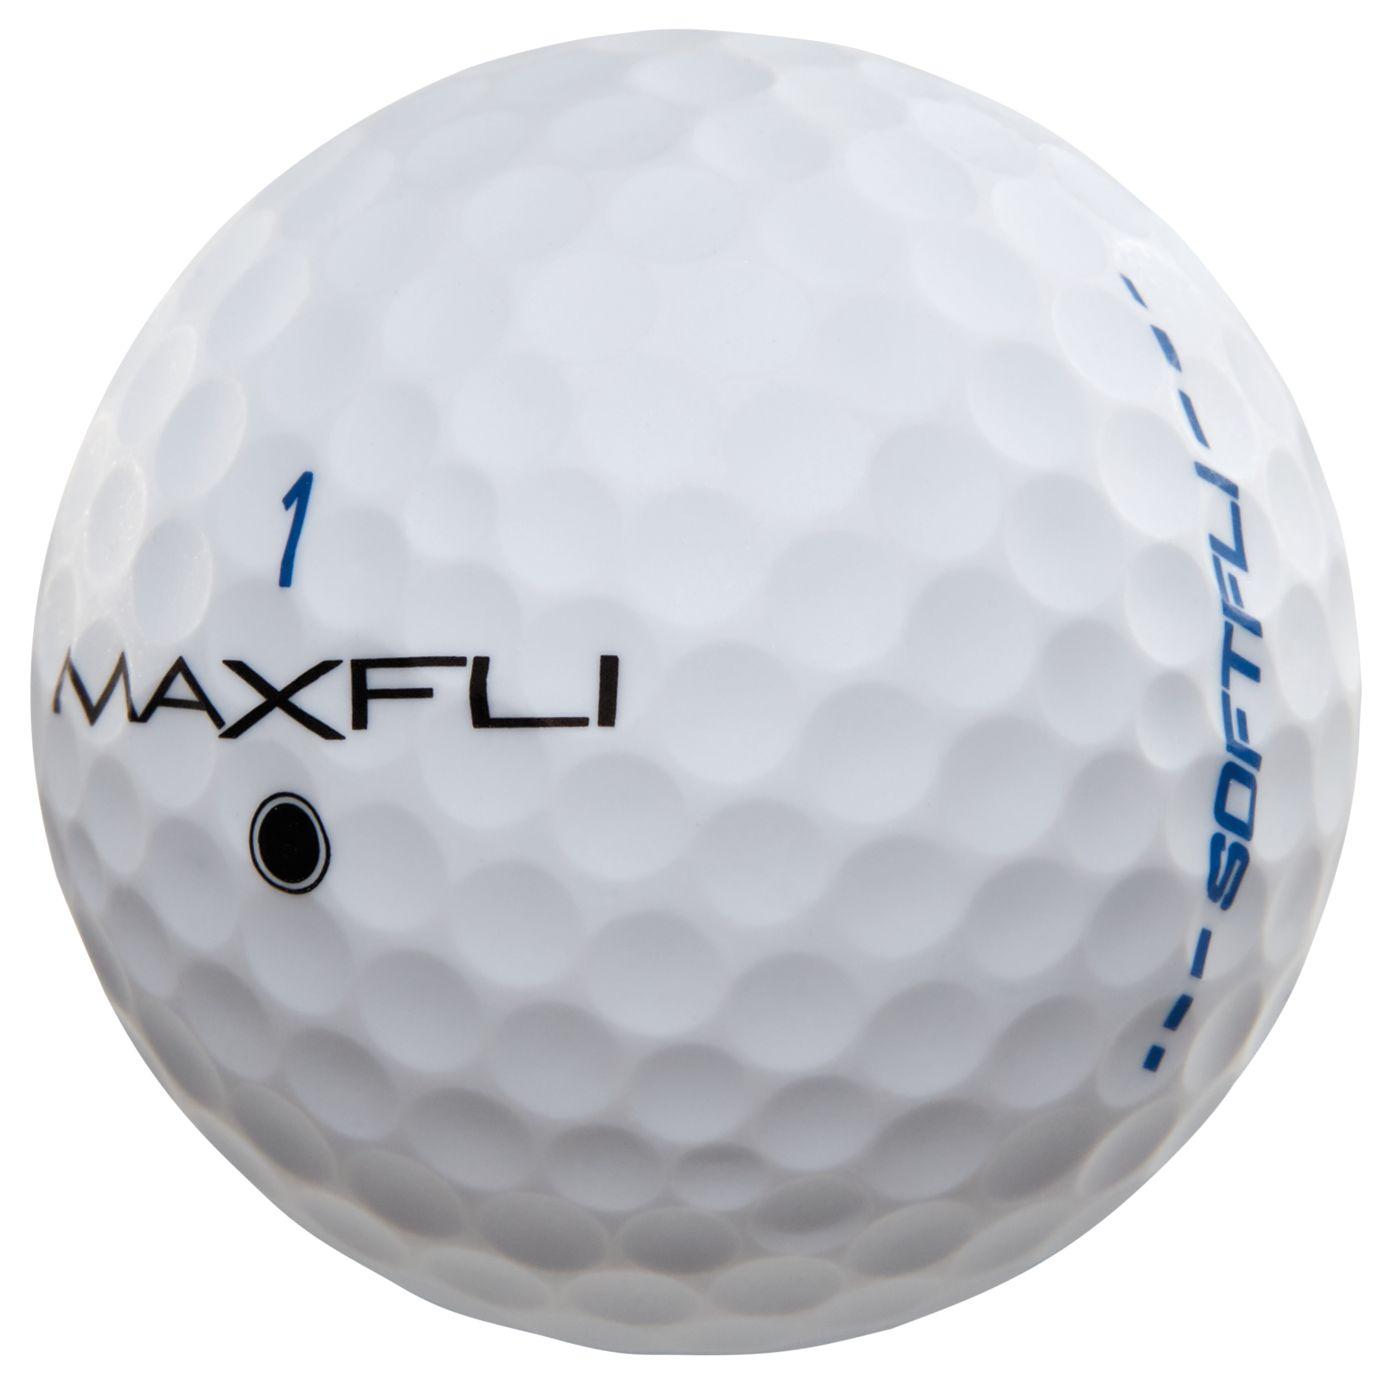 Maxfli SoftFli Matte Golf Balls – White - 12 Pack